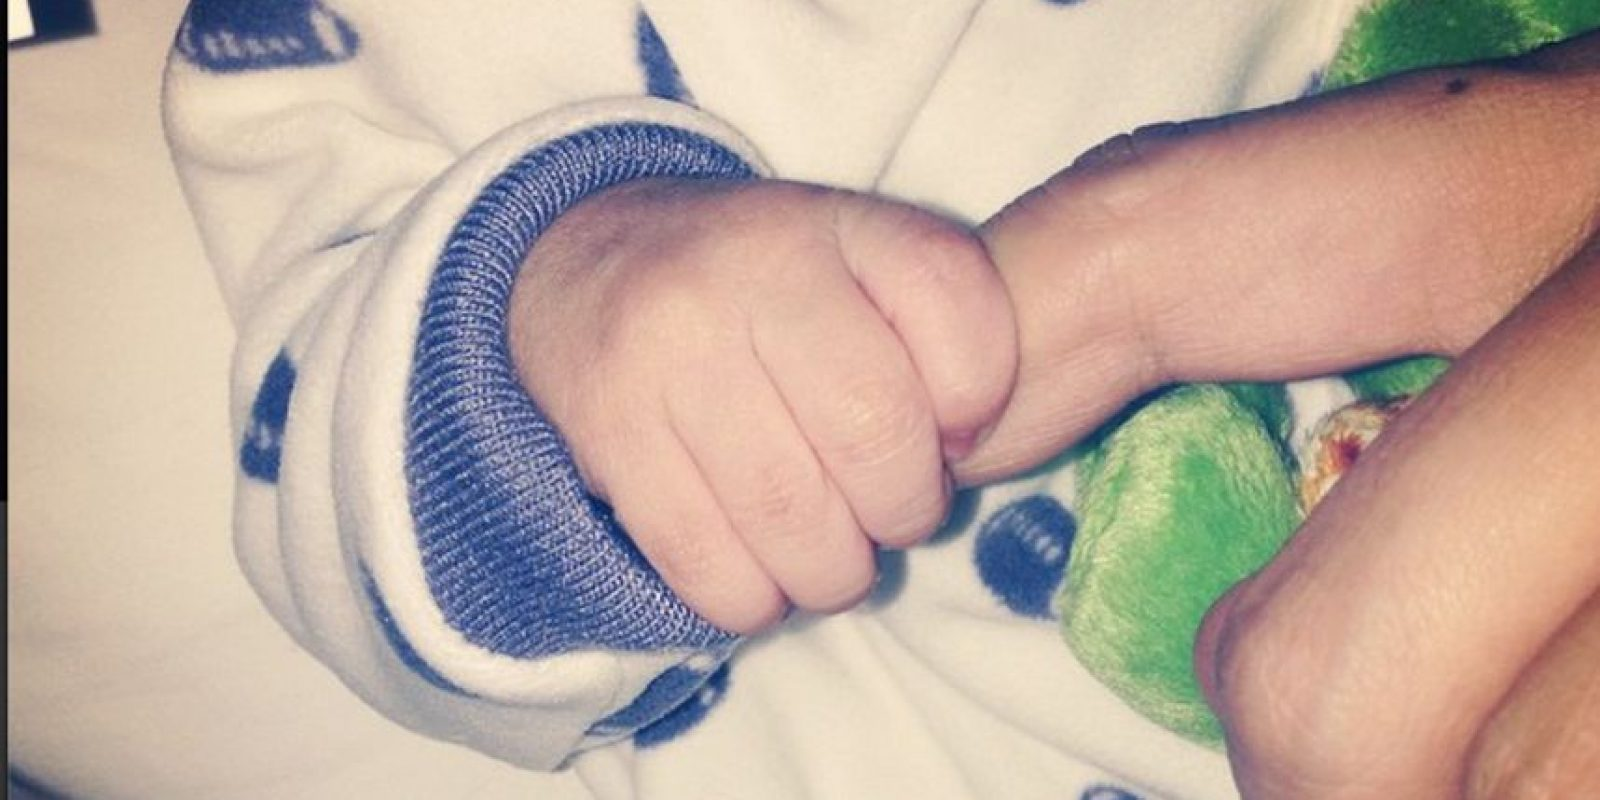 Hace unos días Ninel compartió la mano de su bebé Foto:Instagram @ninelconde